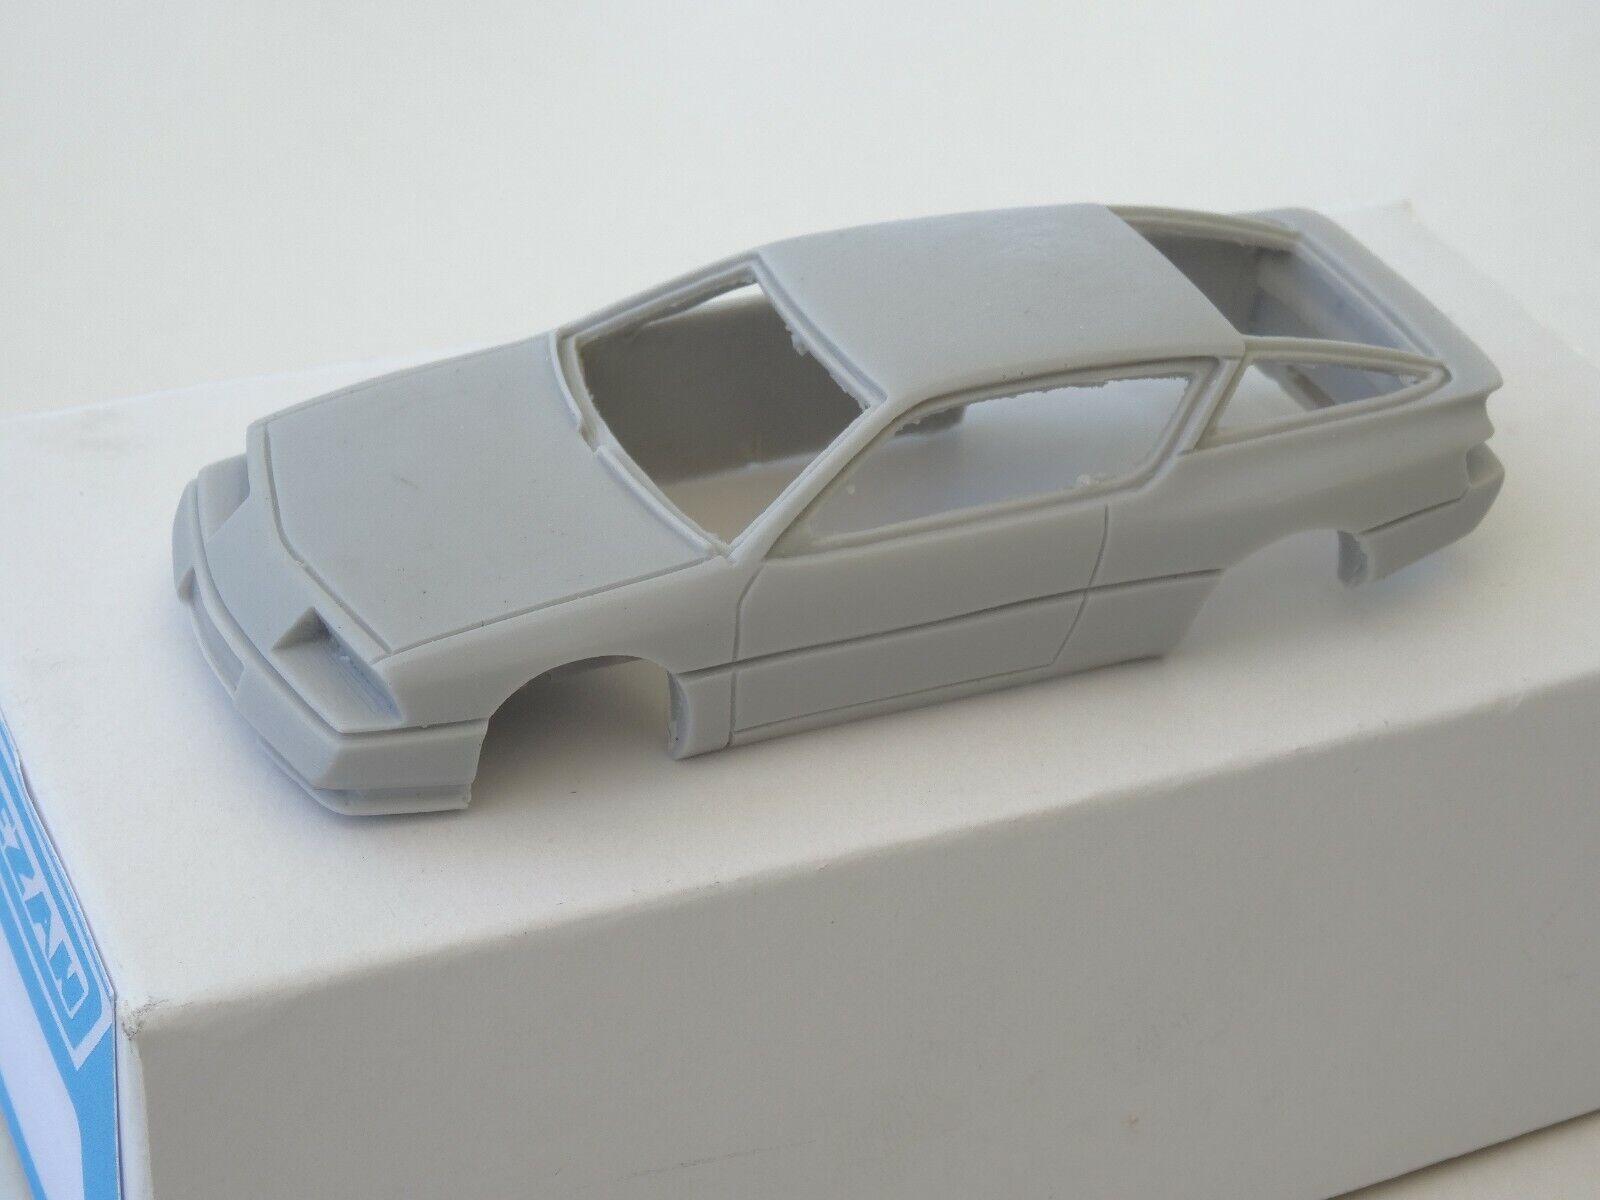 ALEZAN MODELS . KIT 1 43 . ALPINE V6 GT  . 1er SERIE CAPOT PLAT . 1985 .  Style classique